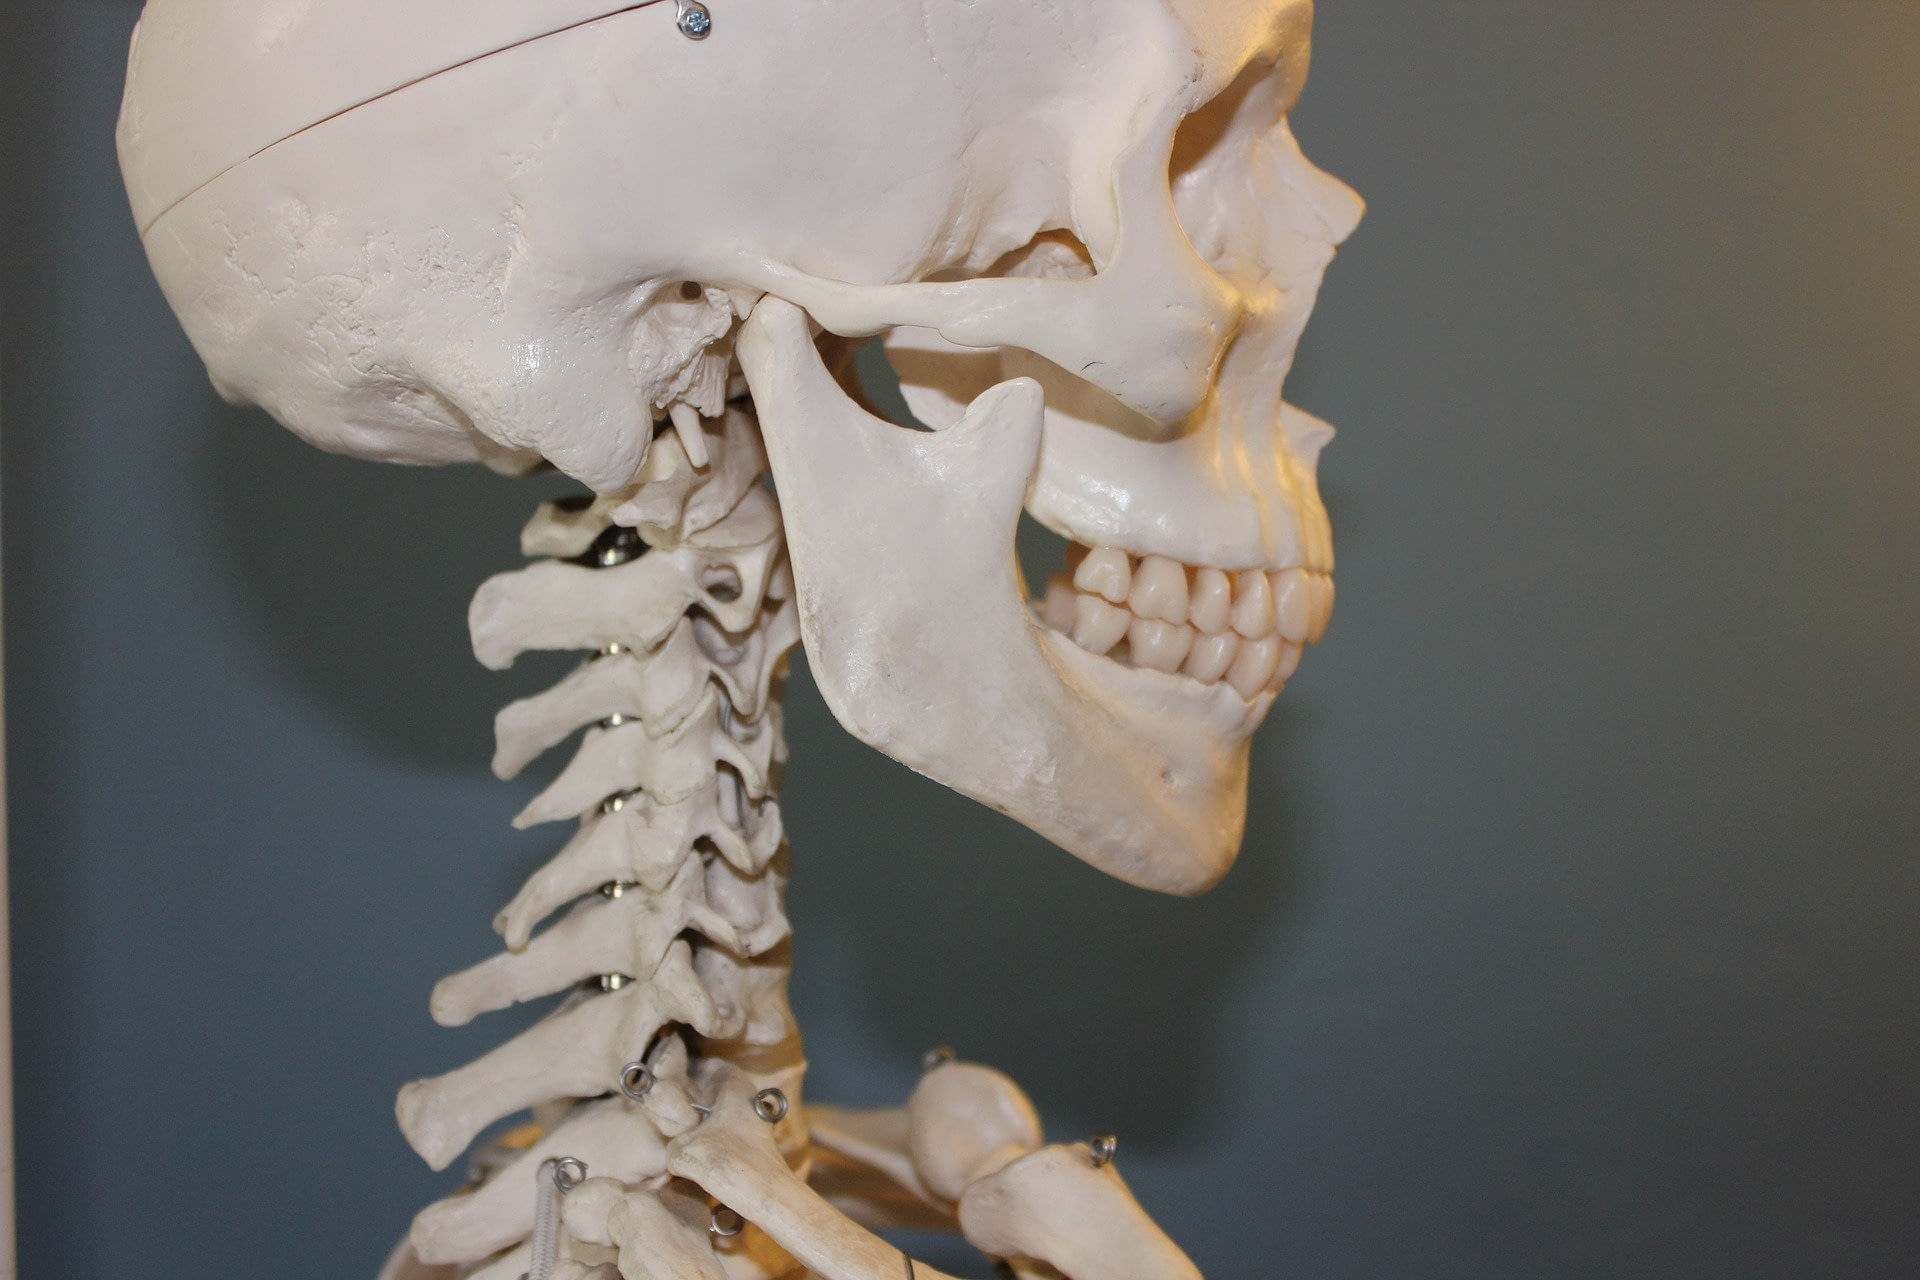 cervicals side view skeleton